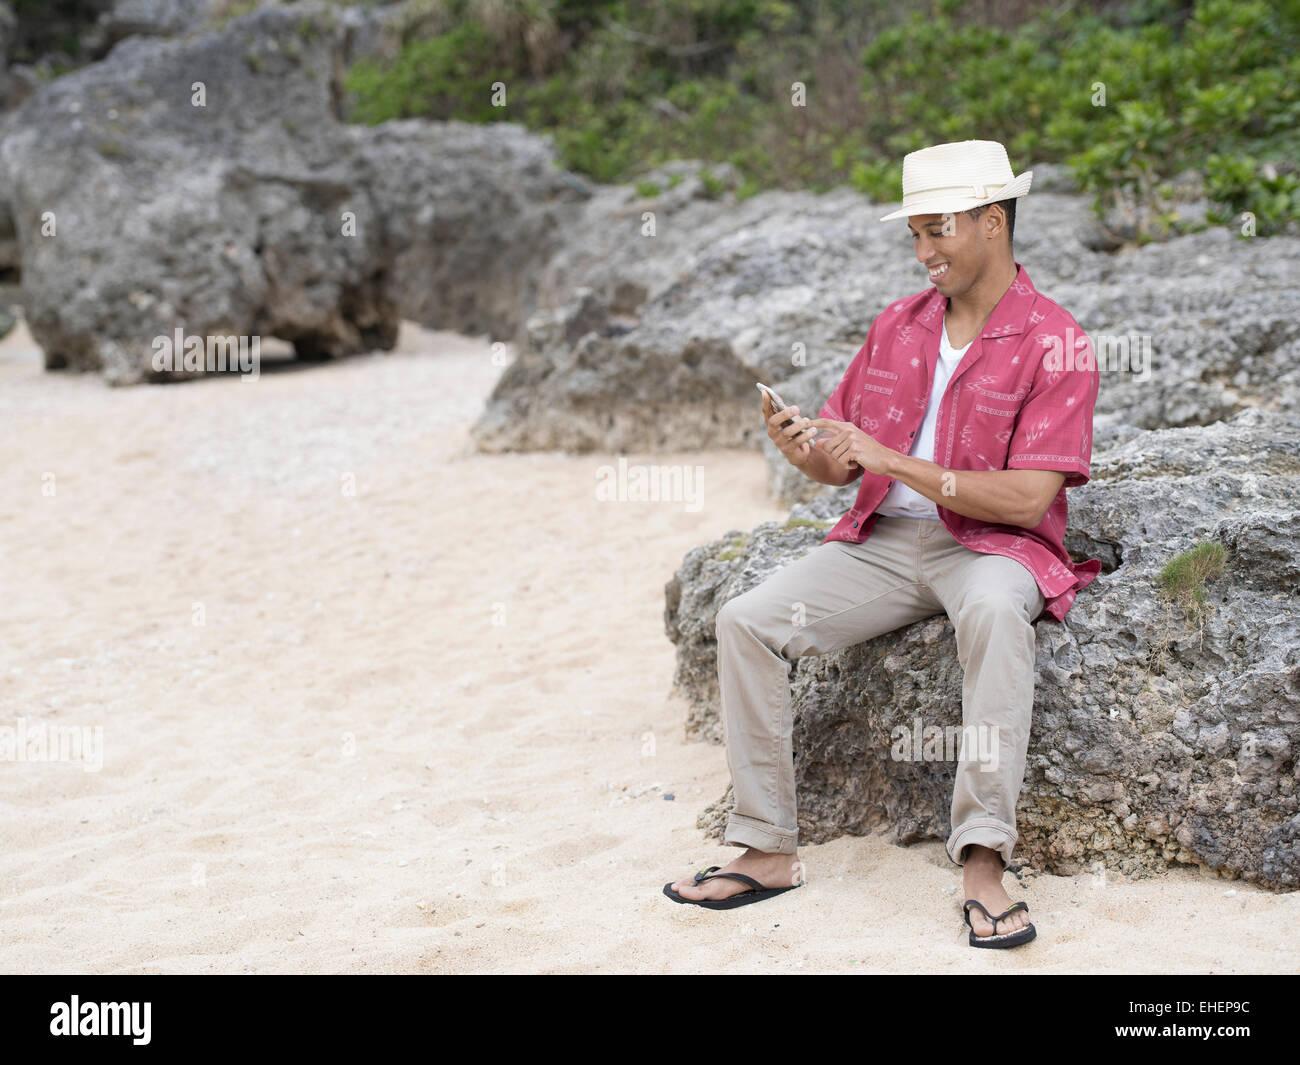 Hombre texting / control de internet en Apple iphone 6 smartphone mientras en la playa. Imagen De Stock